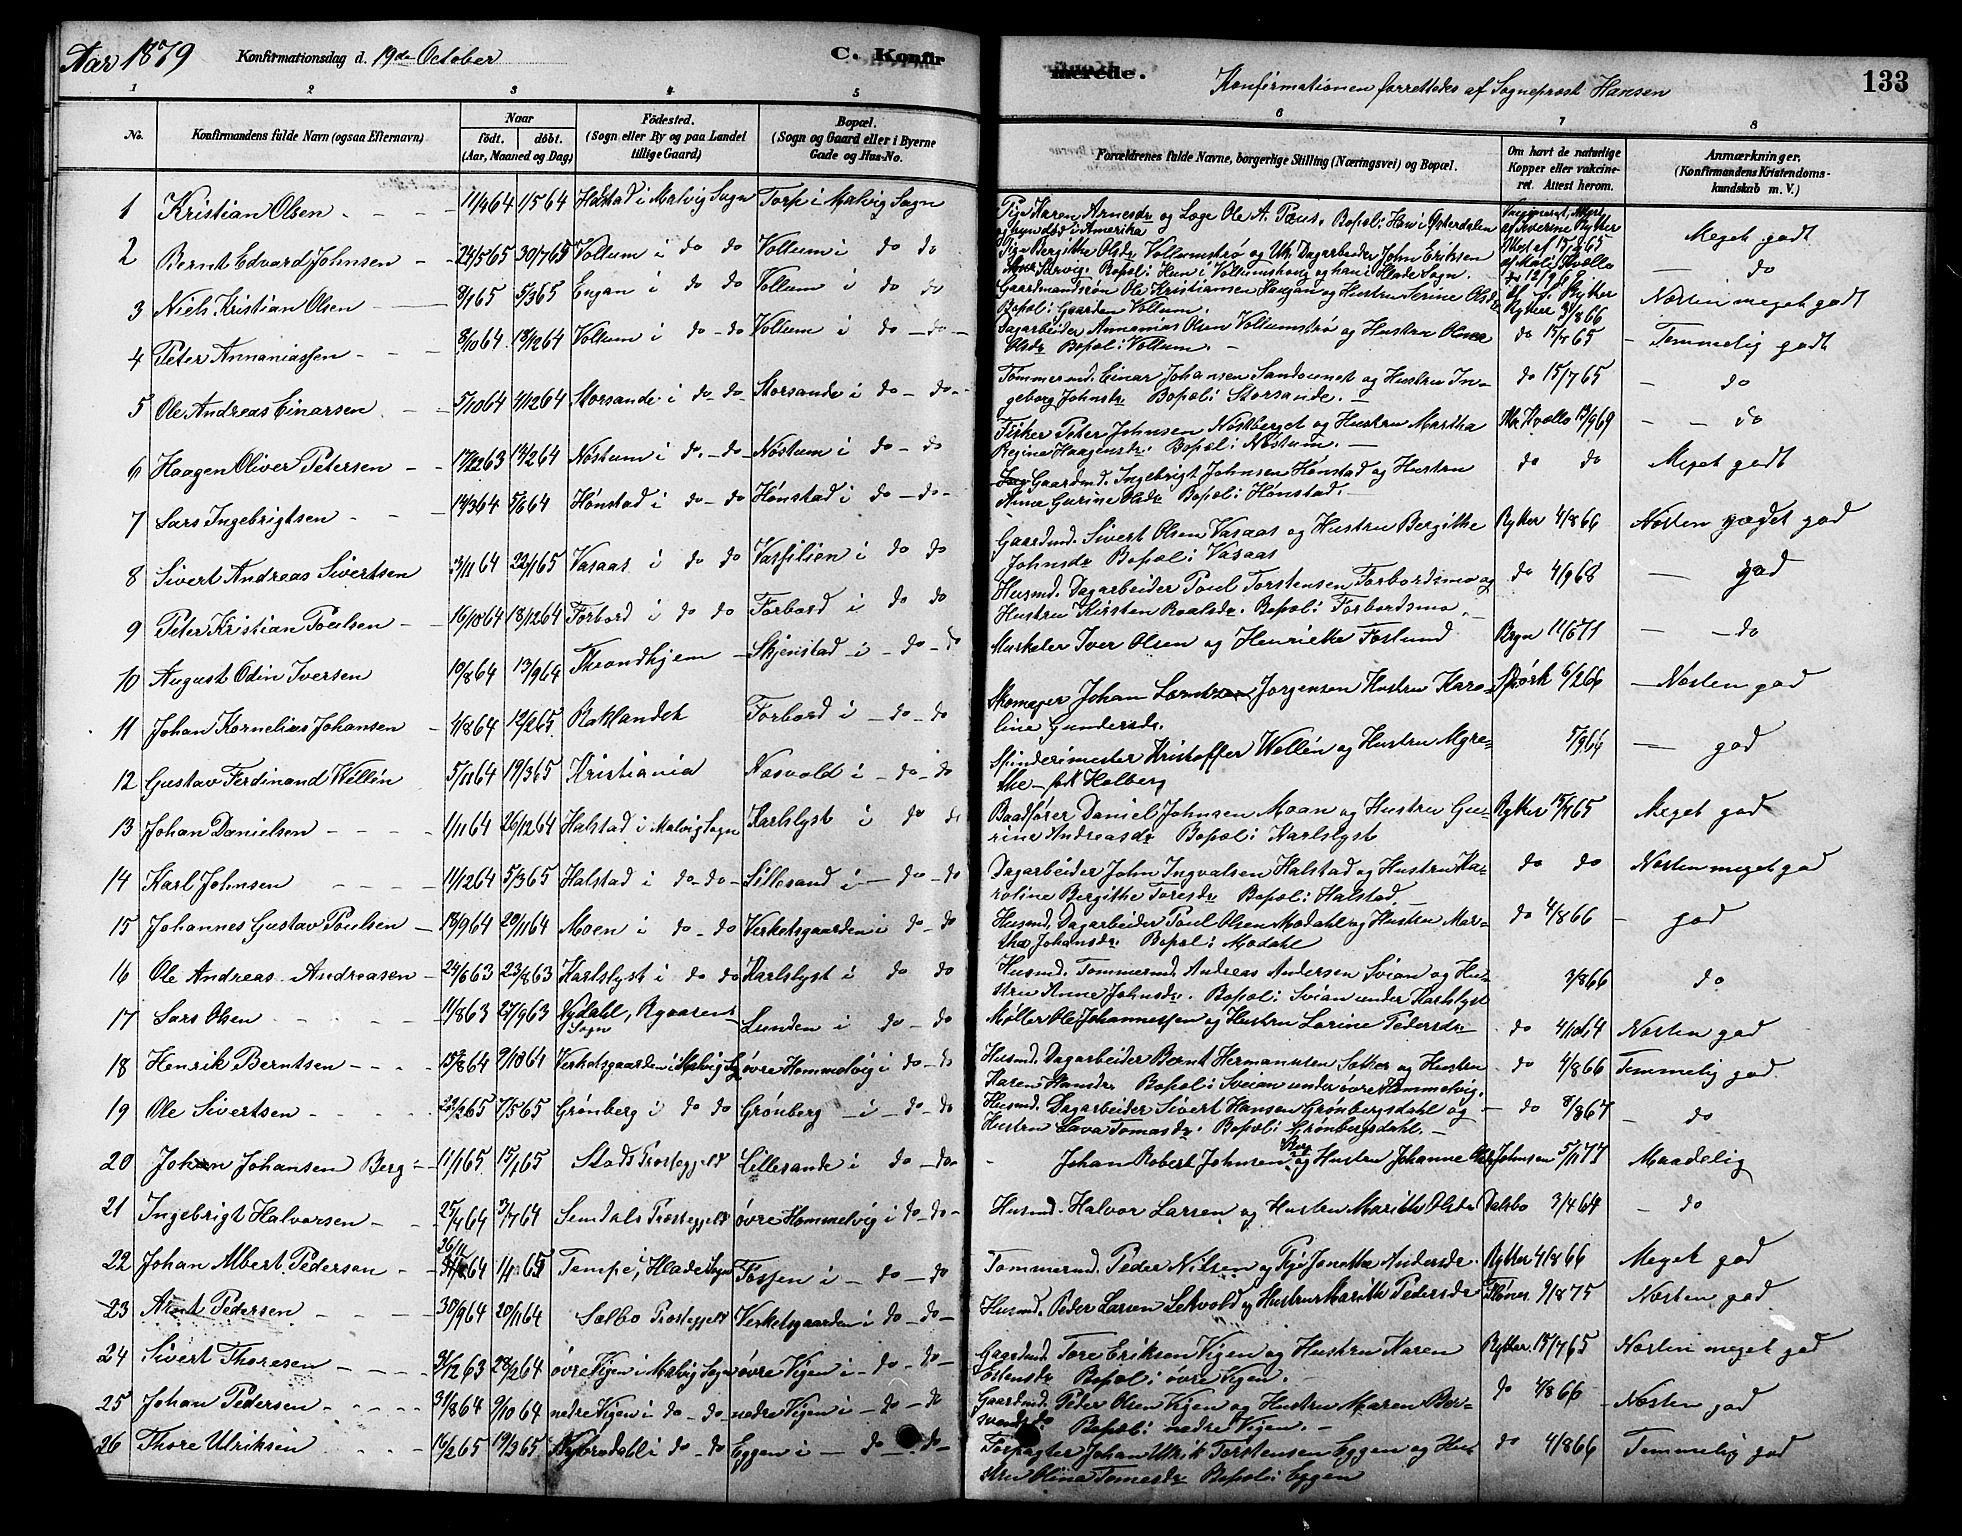 SAT, Ministerialprotokoller, klokkerbøker og fødselsregistre - Sør-Trøndelag, 616/L0423: Klokkerbok nr. 616C06, 1878-1903, s. 133